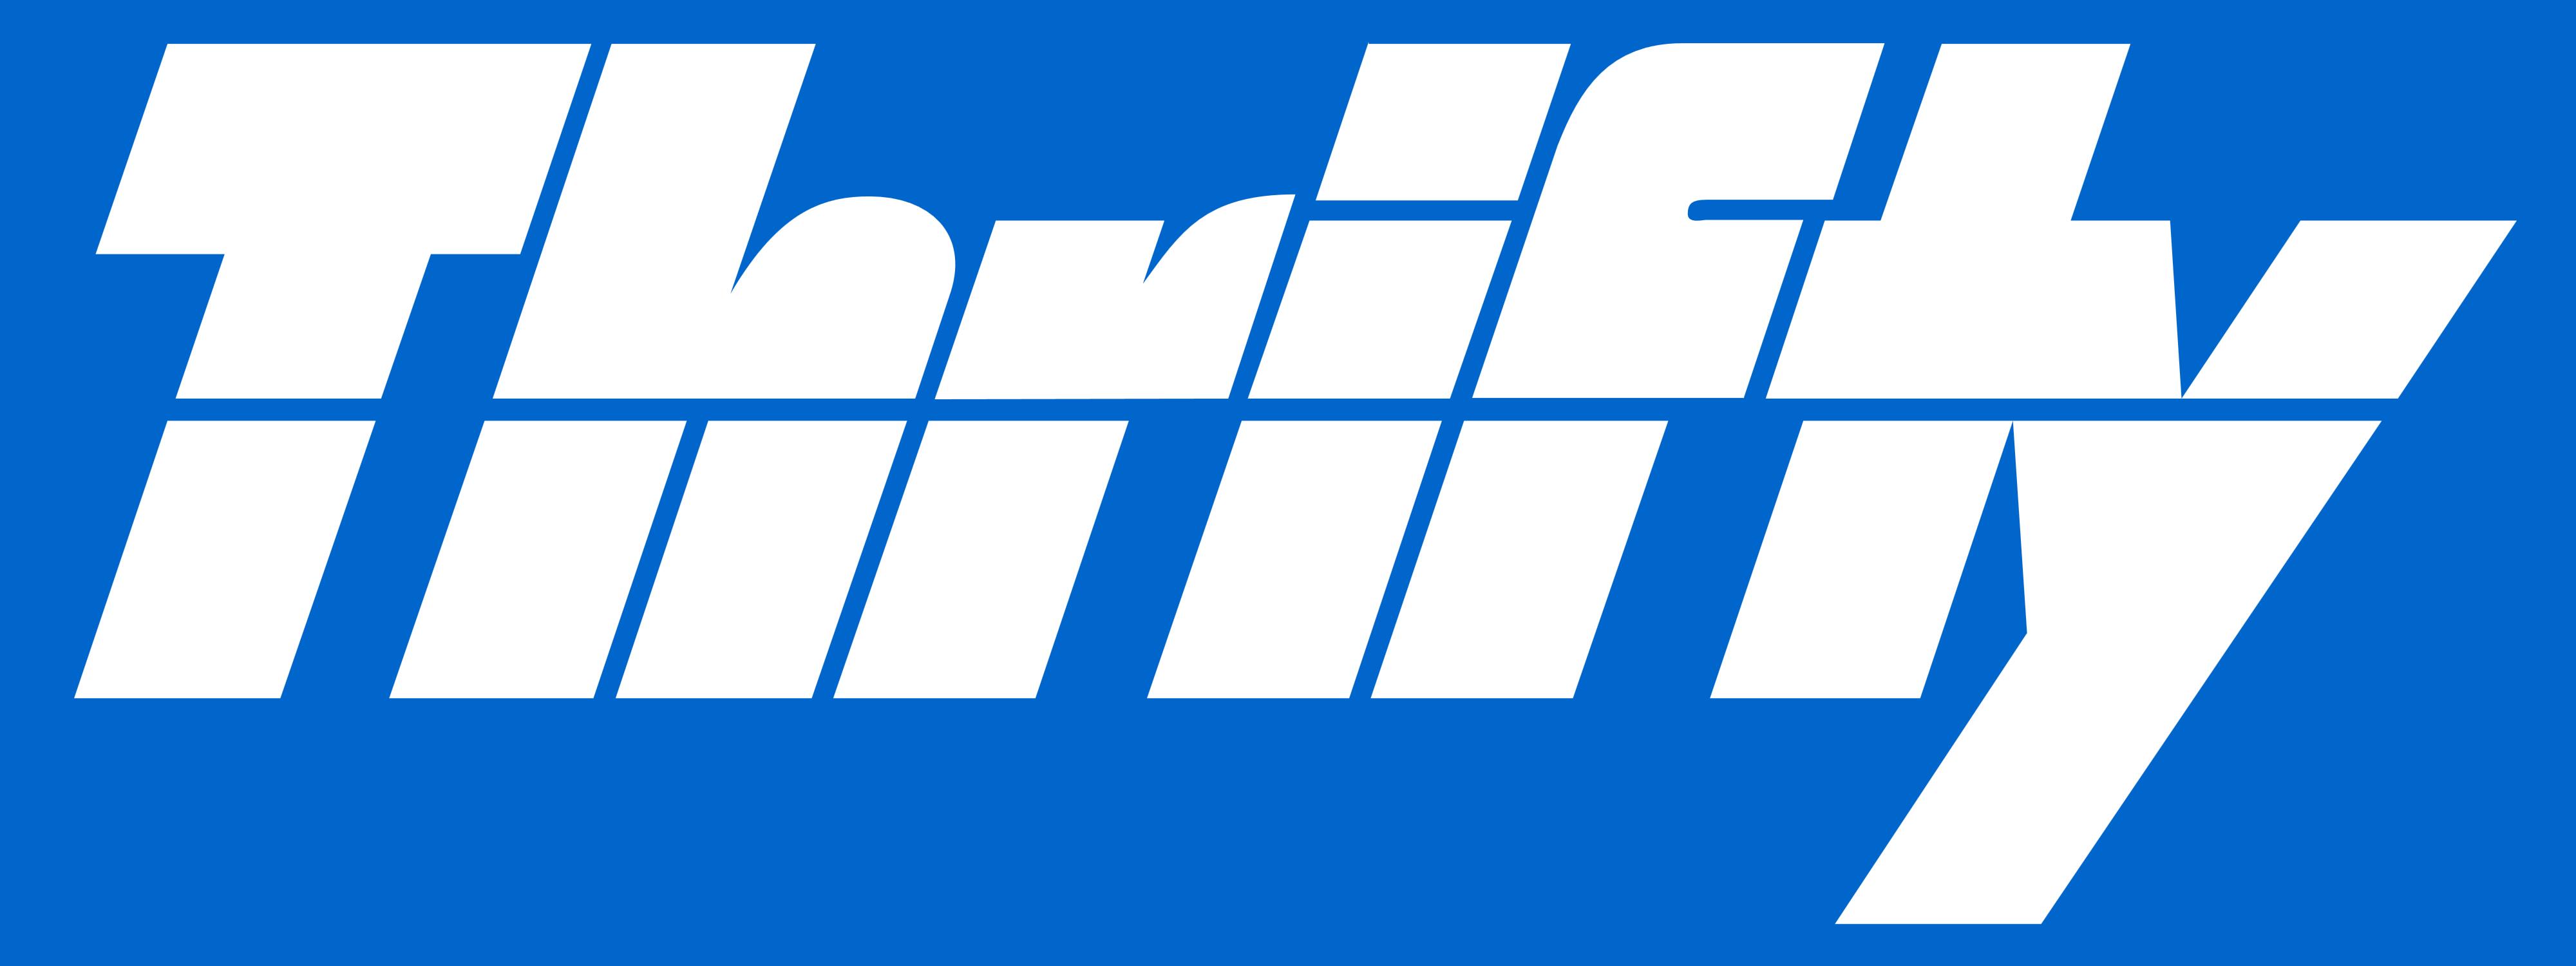 Thrifty Car Rental Logos Download